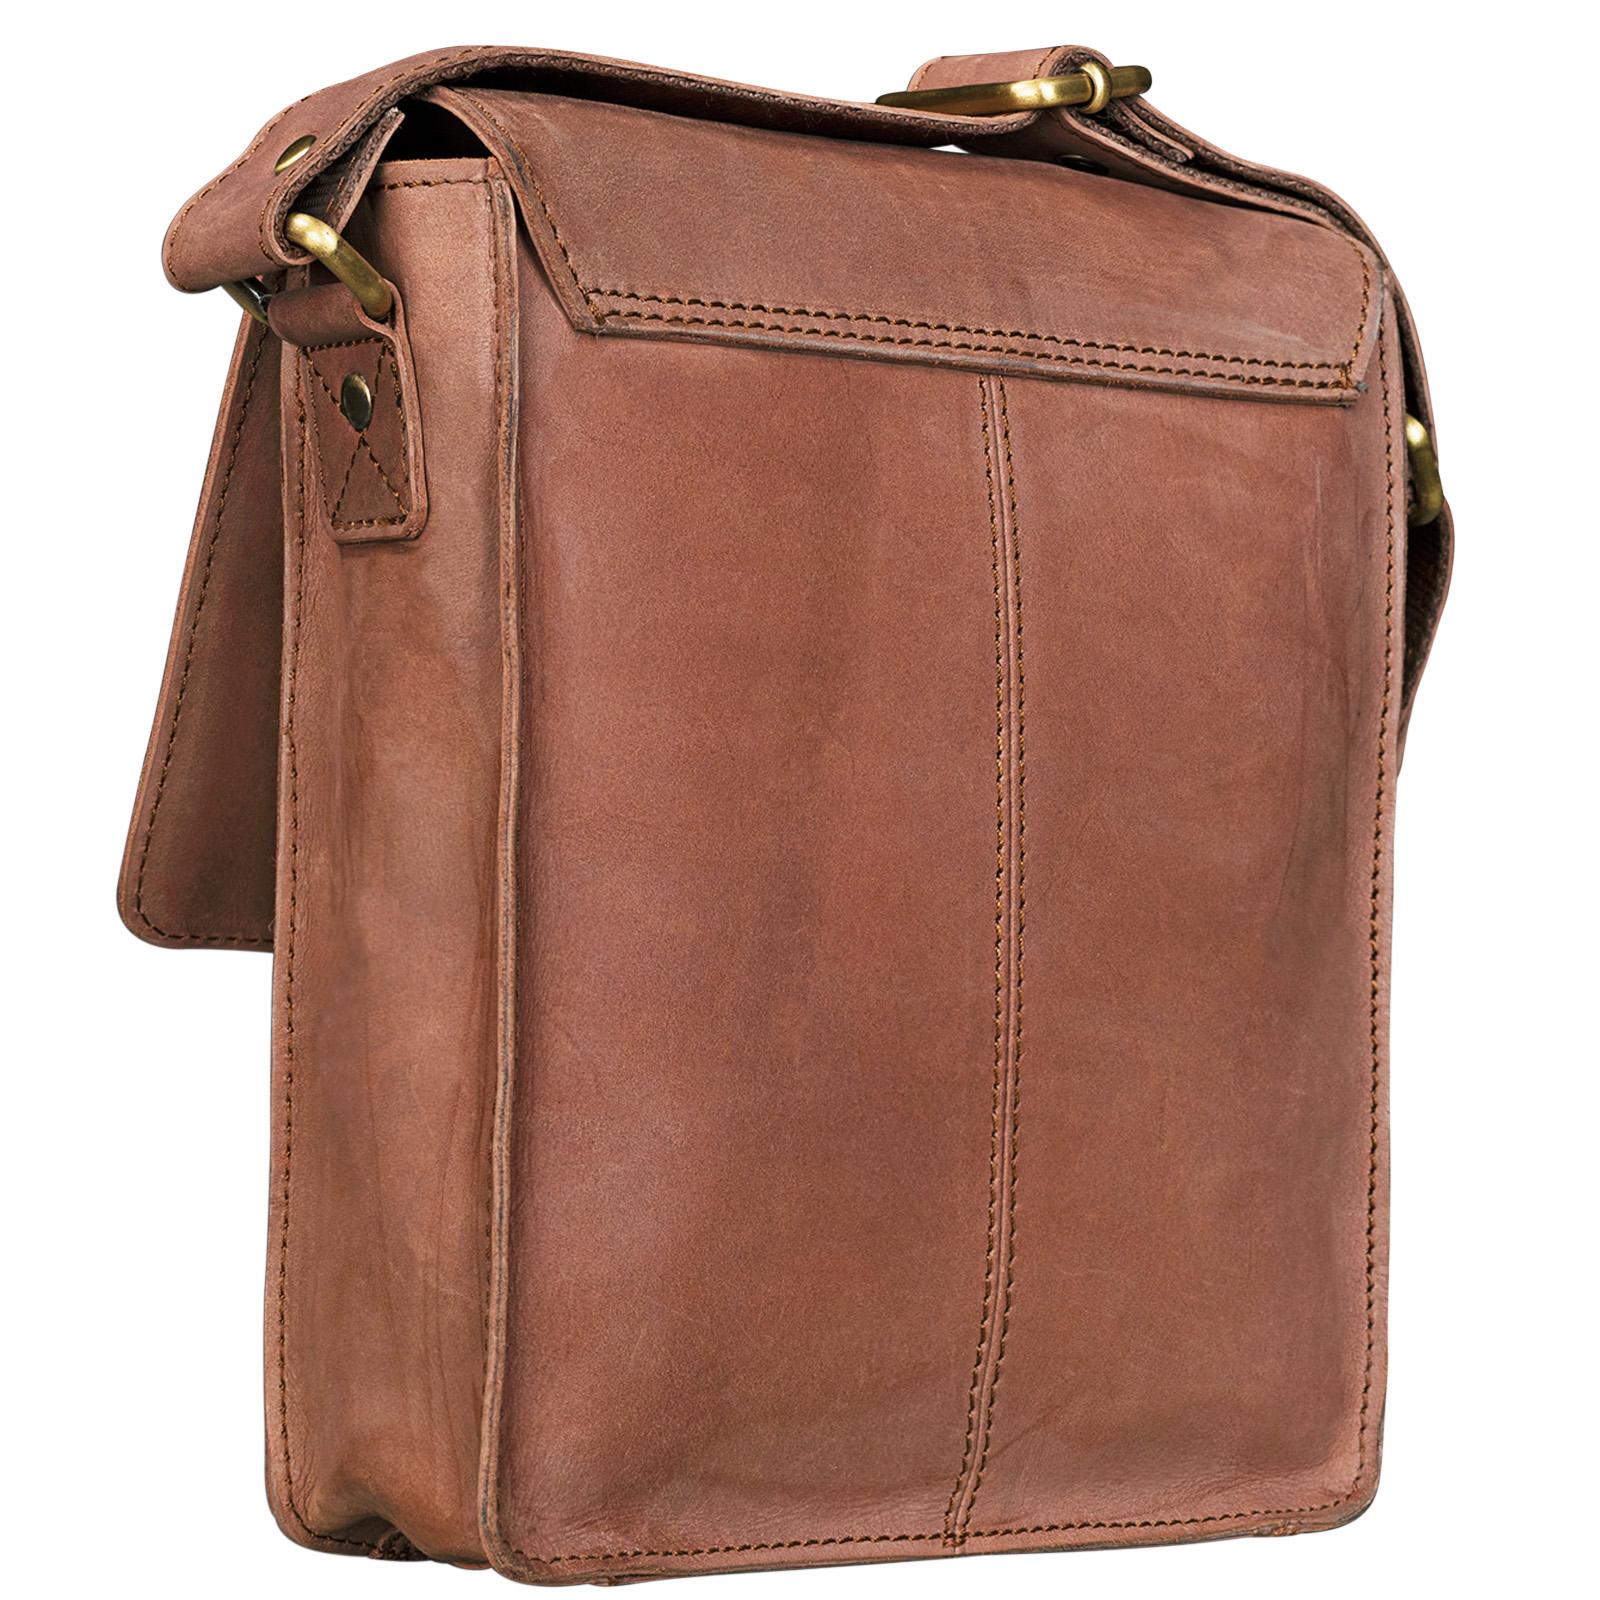 """STILORD """"Finn"""" kleine Umhängetasche Herren Schultertasche Vintage Messenger Bag 8,4 Zoll Tablettasche echtes Büffel-Leder  - Bild 7"""